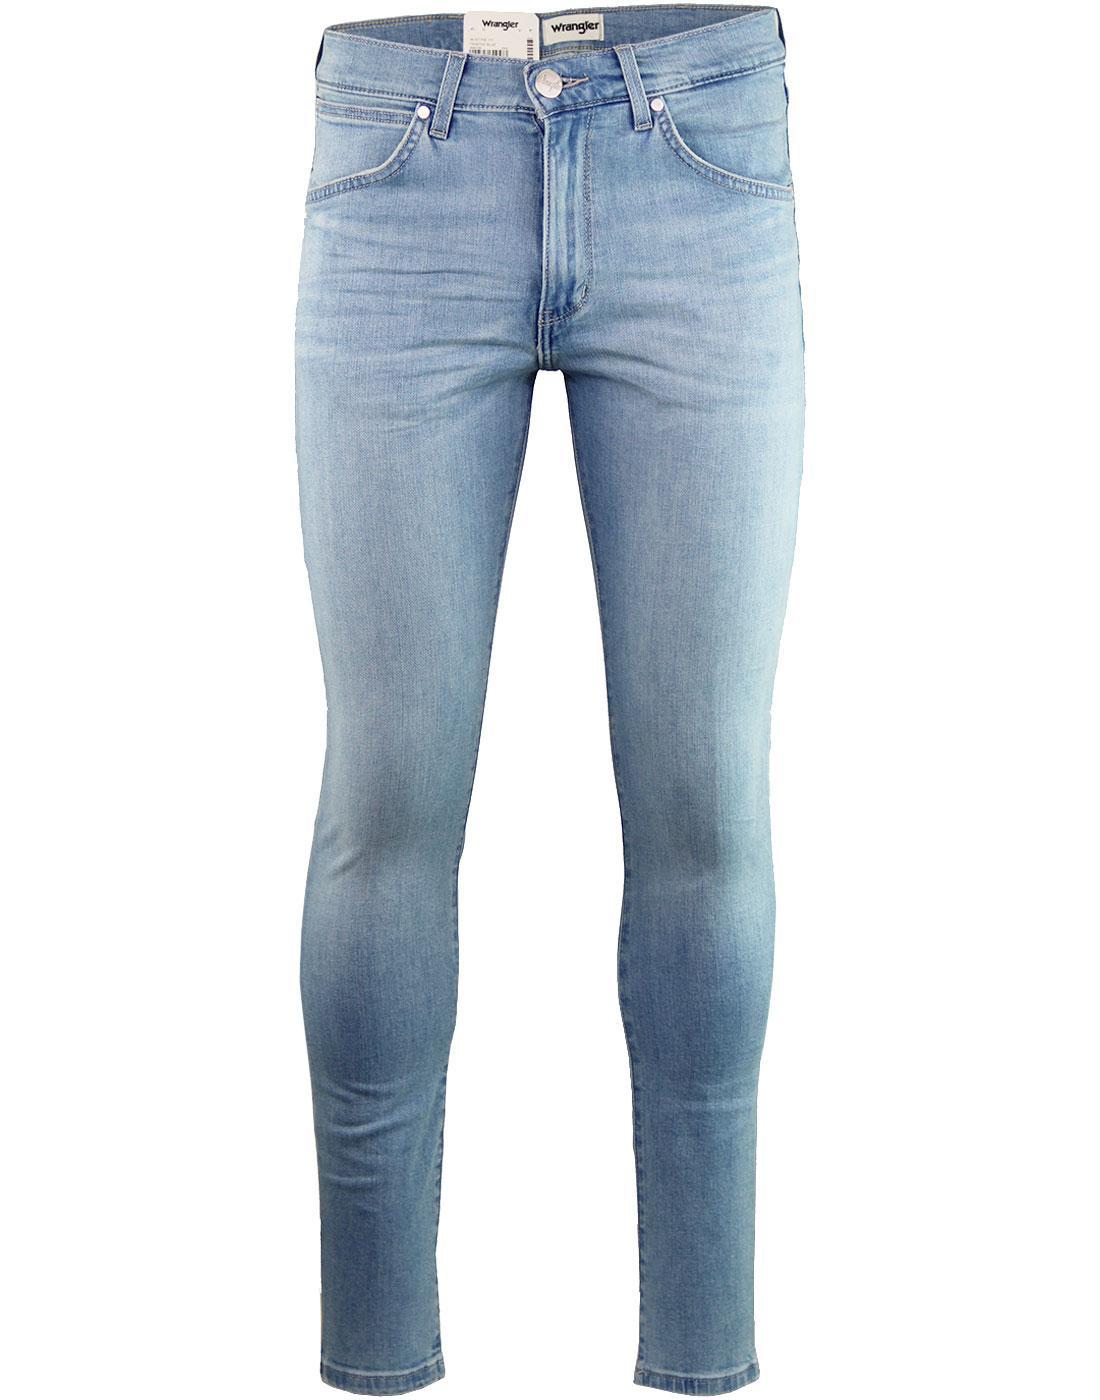 Strangler WRANGLER Men's Indie Super Skinny Jeans